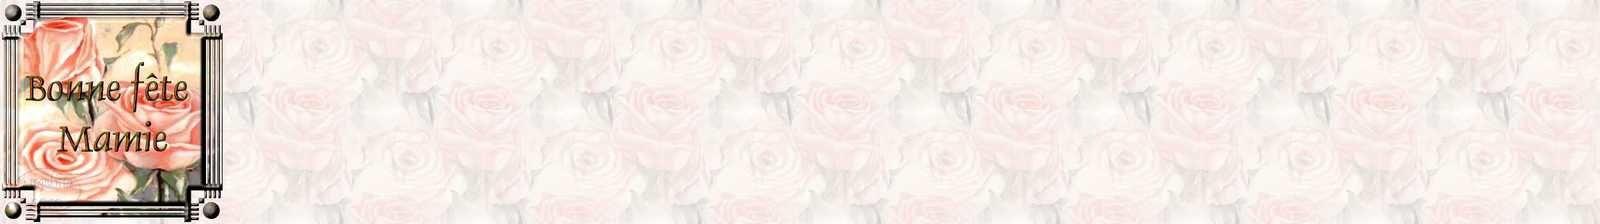 Bonne fête Mamie Roses Incredimail &amp&#x3B; Papier A4 h l &amp&#x3B; outlook &amp&#x3B; enveloppe &amp&#x3B; 2 cartes A5 &amp&#x3B; signets 3 langues   bonne_fete_mamie_roses_10099879_00